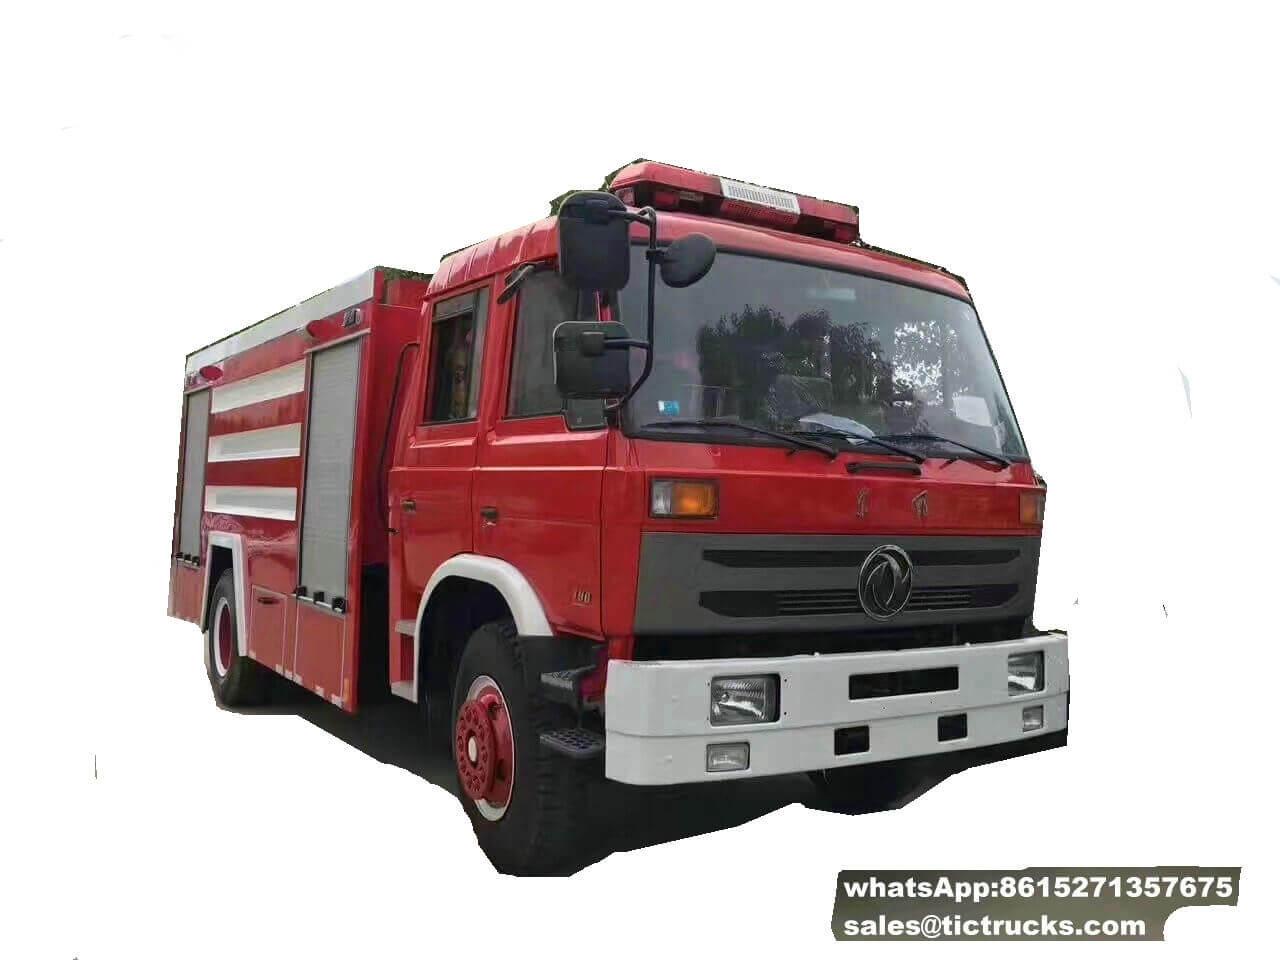 dongfeng fire truck water -10cbm_1.jpeg